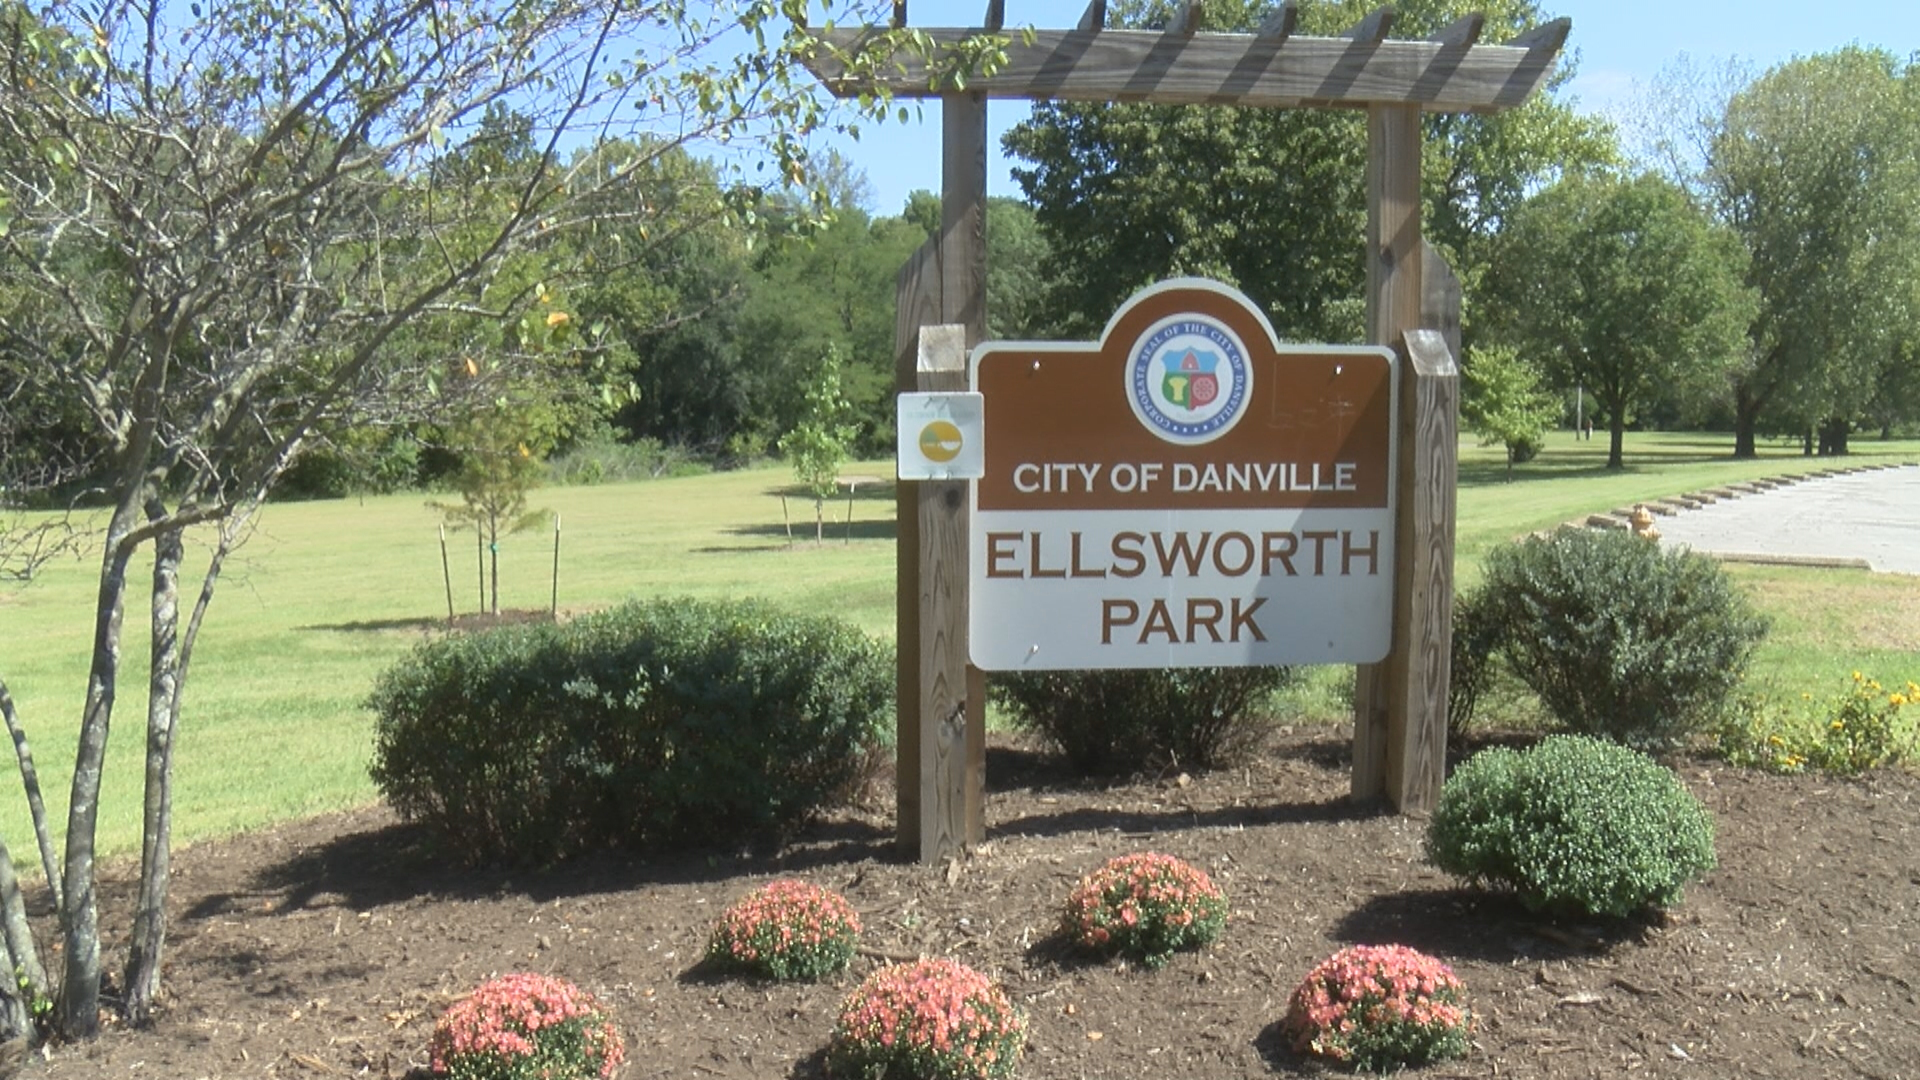 ellsworth park_1536874598521.jpg.jpg